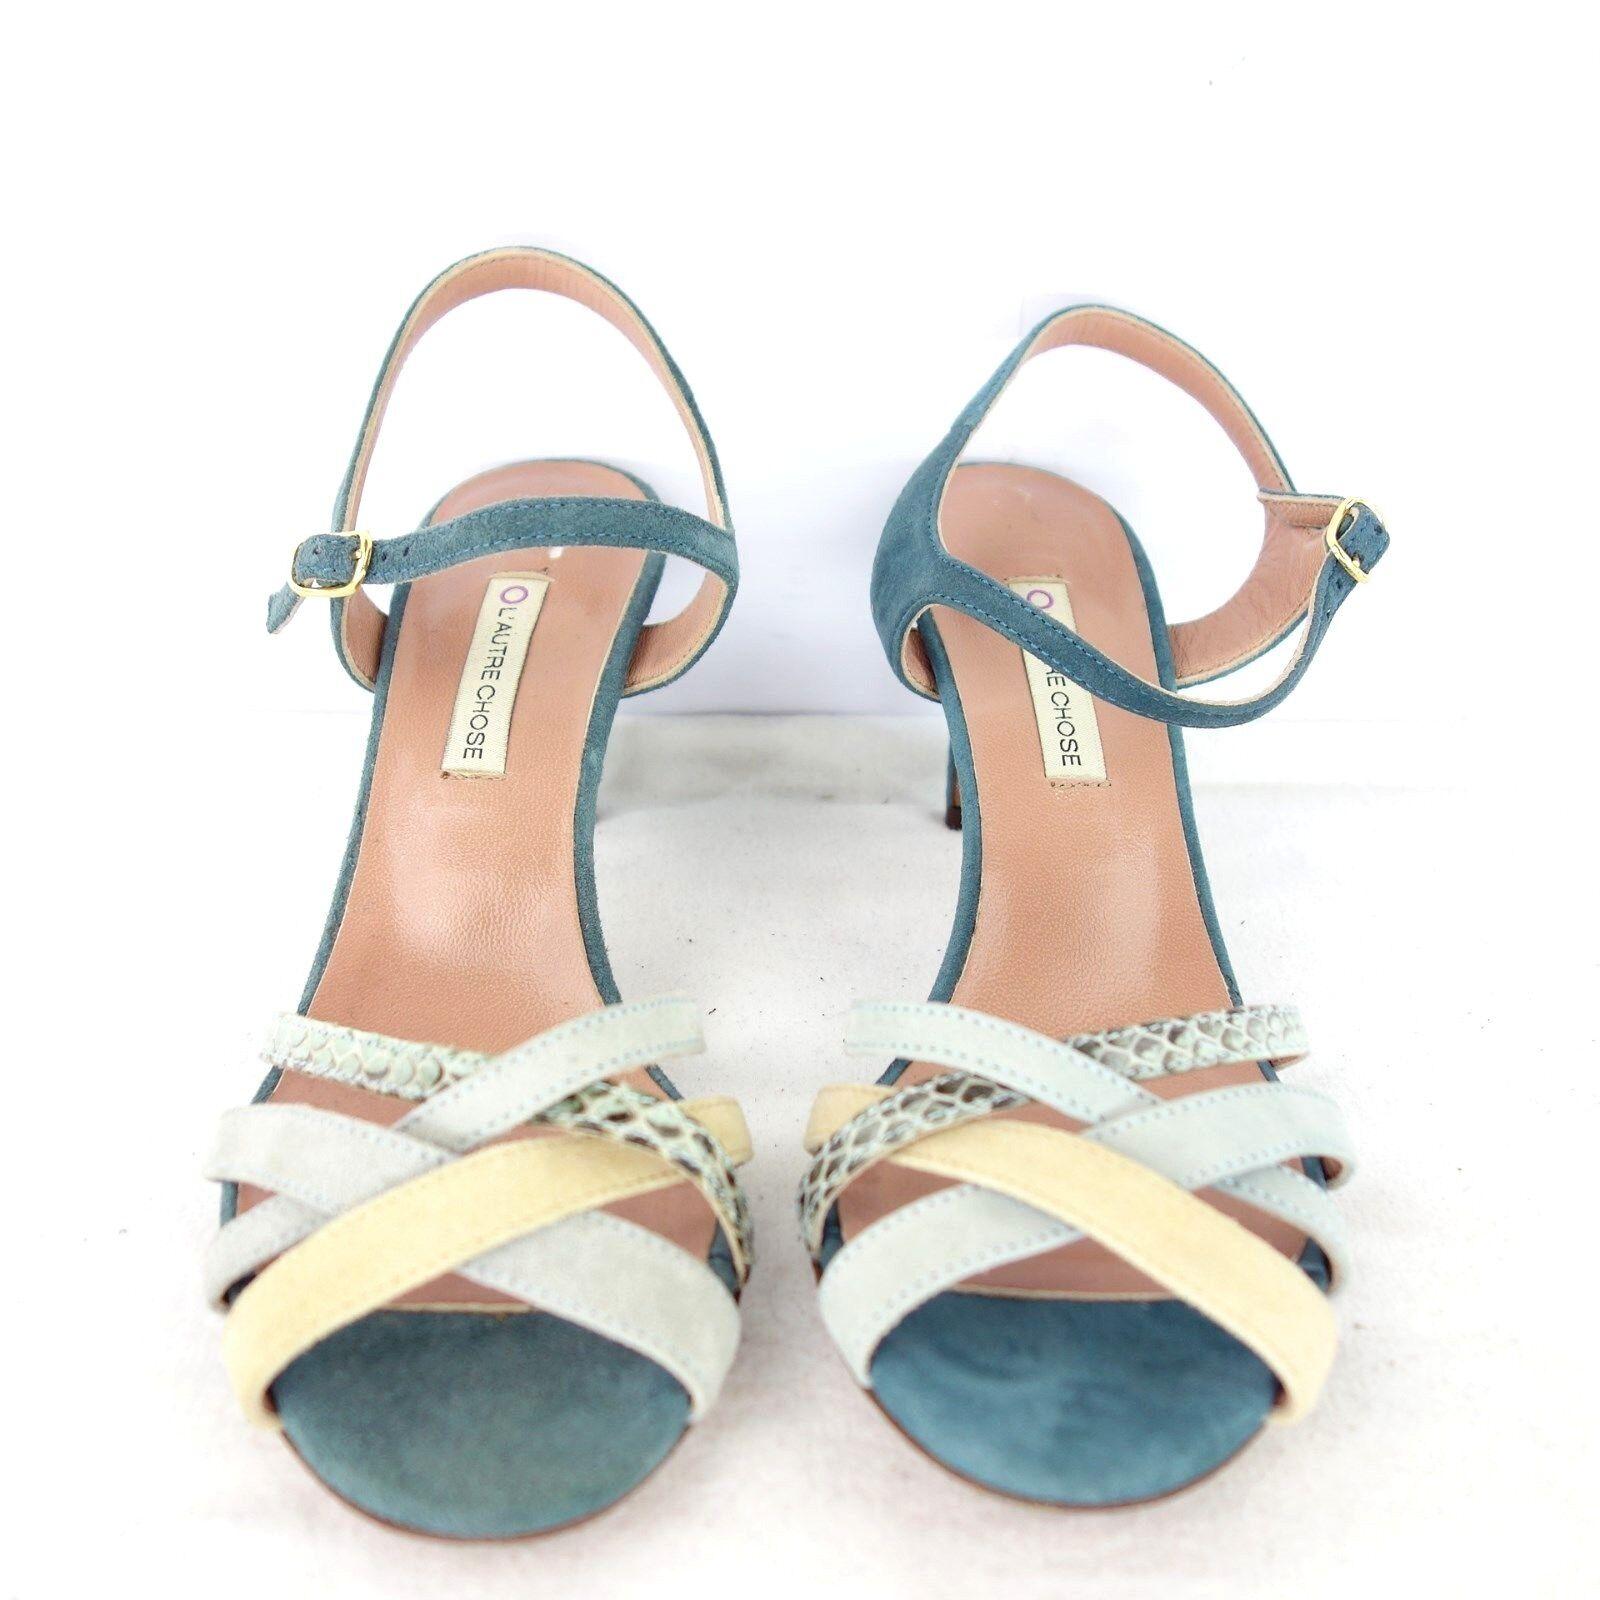 L 'autre ha scelto cinghie femminili sandali pompe scarpe vari  Coloreeei  acquistare ora